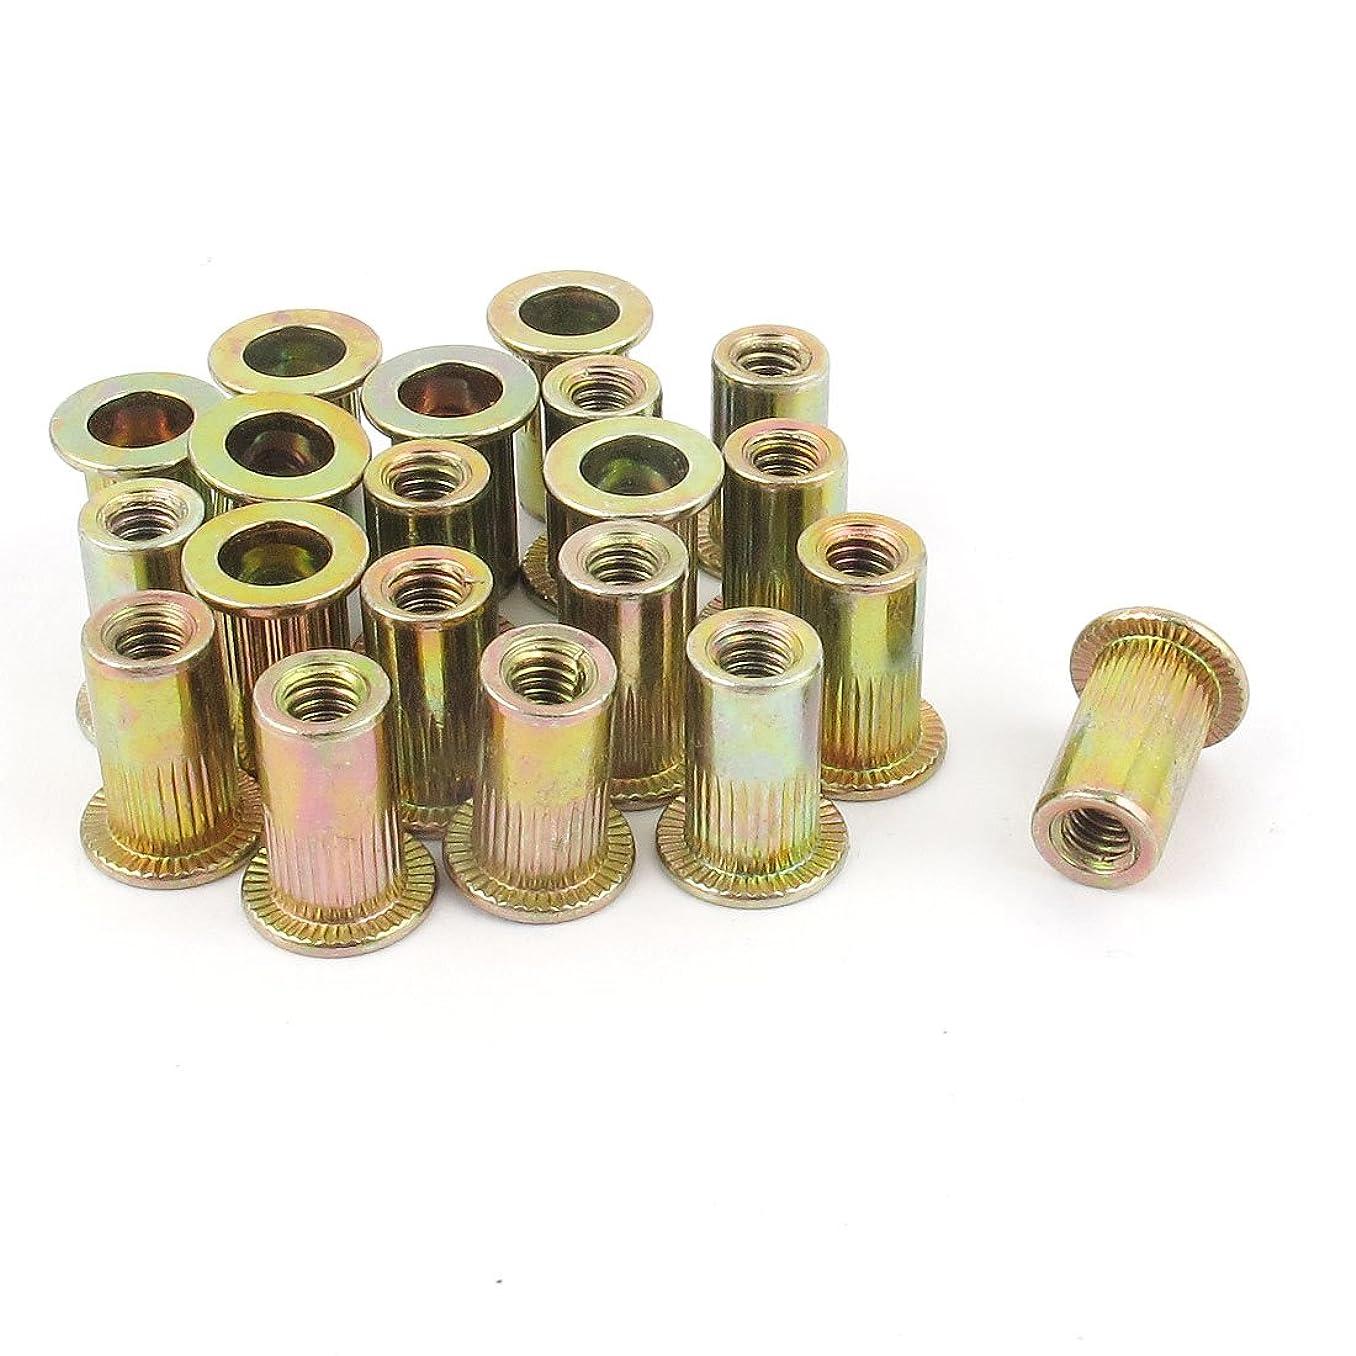 uxcell 20Pcs Steel Rivet Nut Flat Head Insert Nutsert #8-32 zq41905366691770